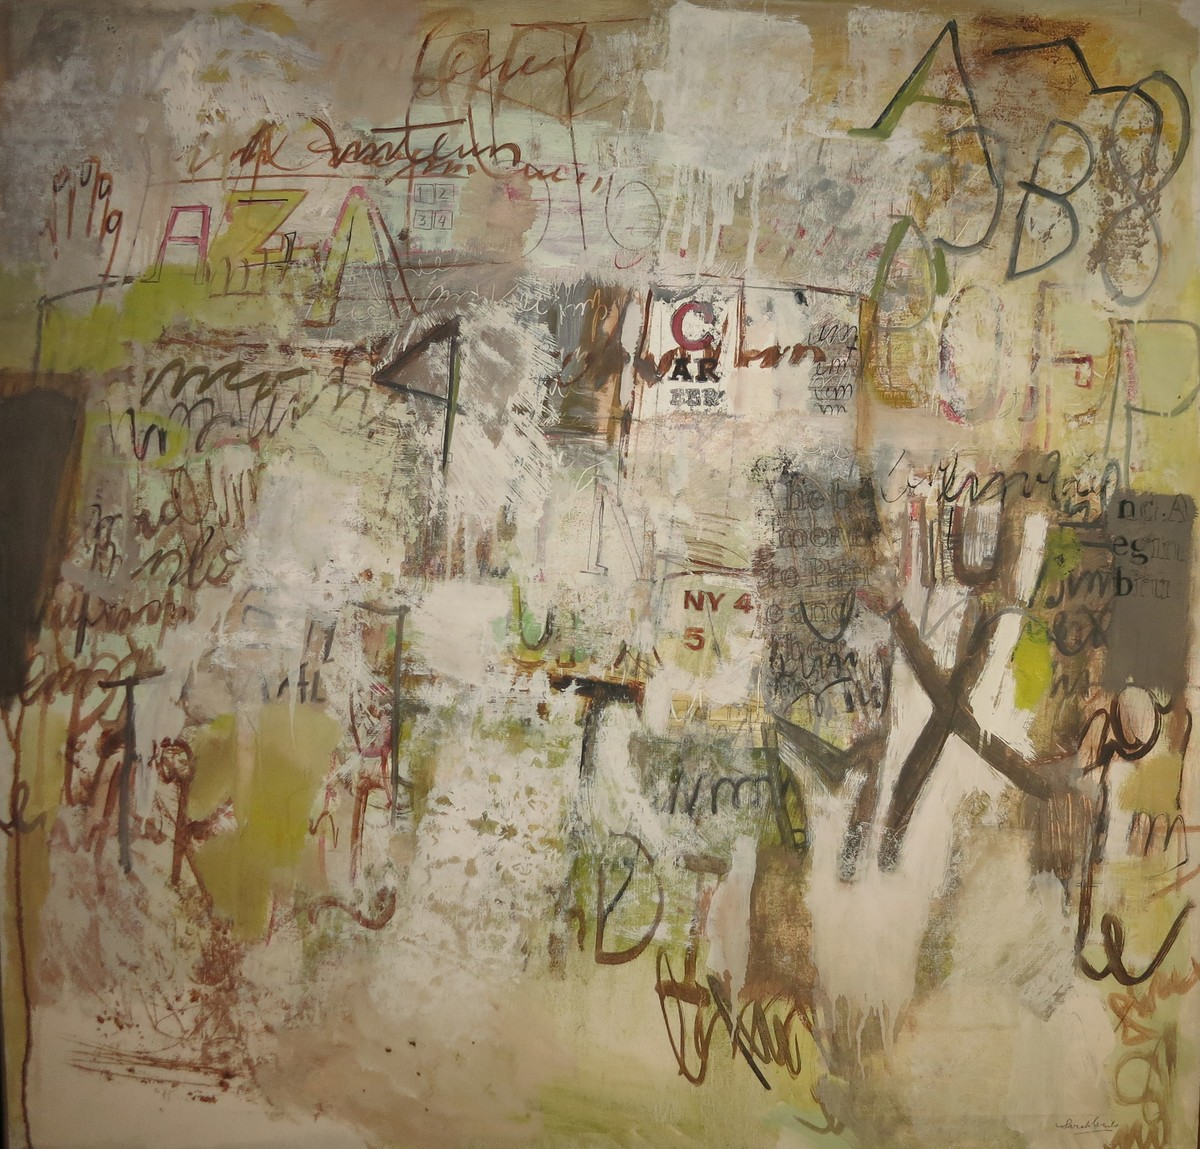 NY4 ( 1967), óleo sobre tela / Galería Jorge Mara-La Ruche, Buenos Aires